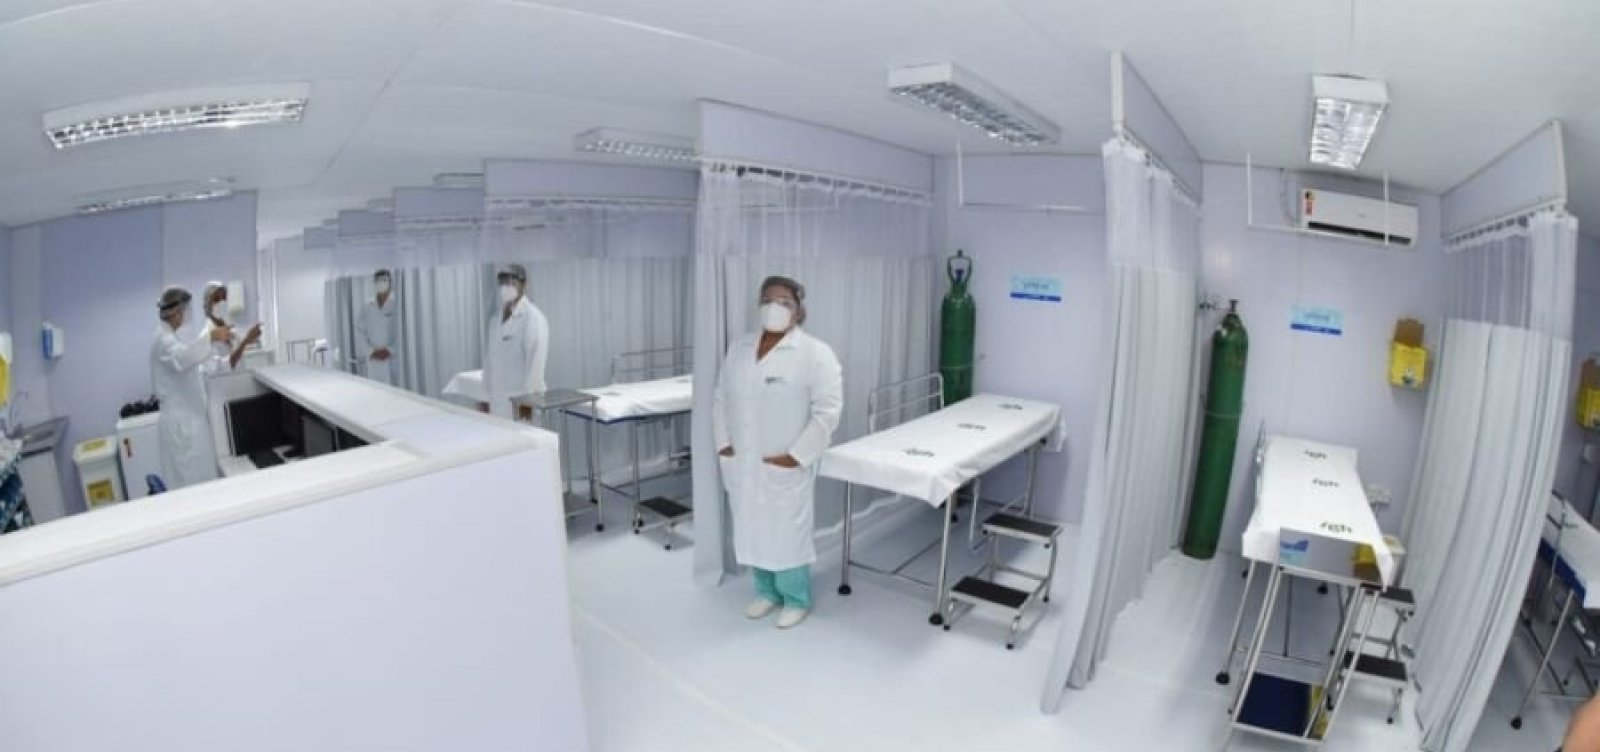 [Prefeitura inaugura Gripário de Santo Inácio; espaço reforça atendimento a pacientes com Covid-19]